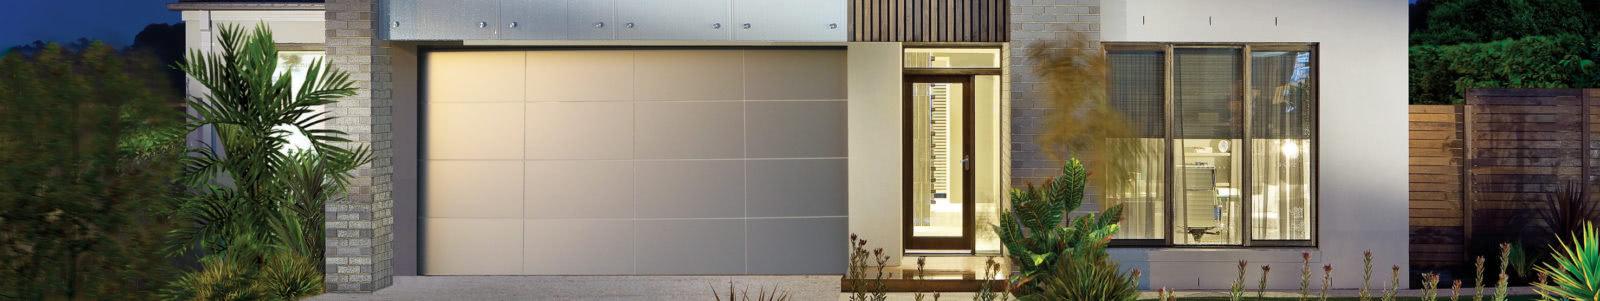 Aluminium Comp Garage Door Banner Steel Line Garage Doors